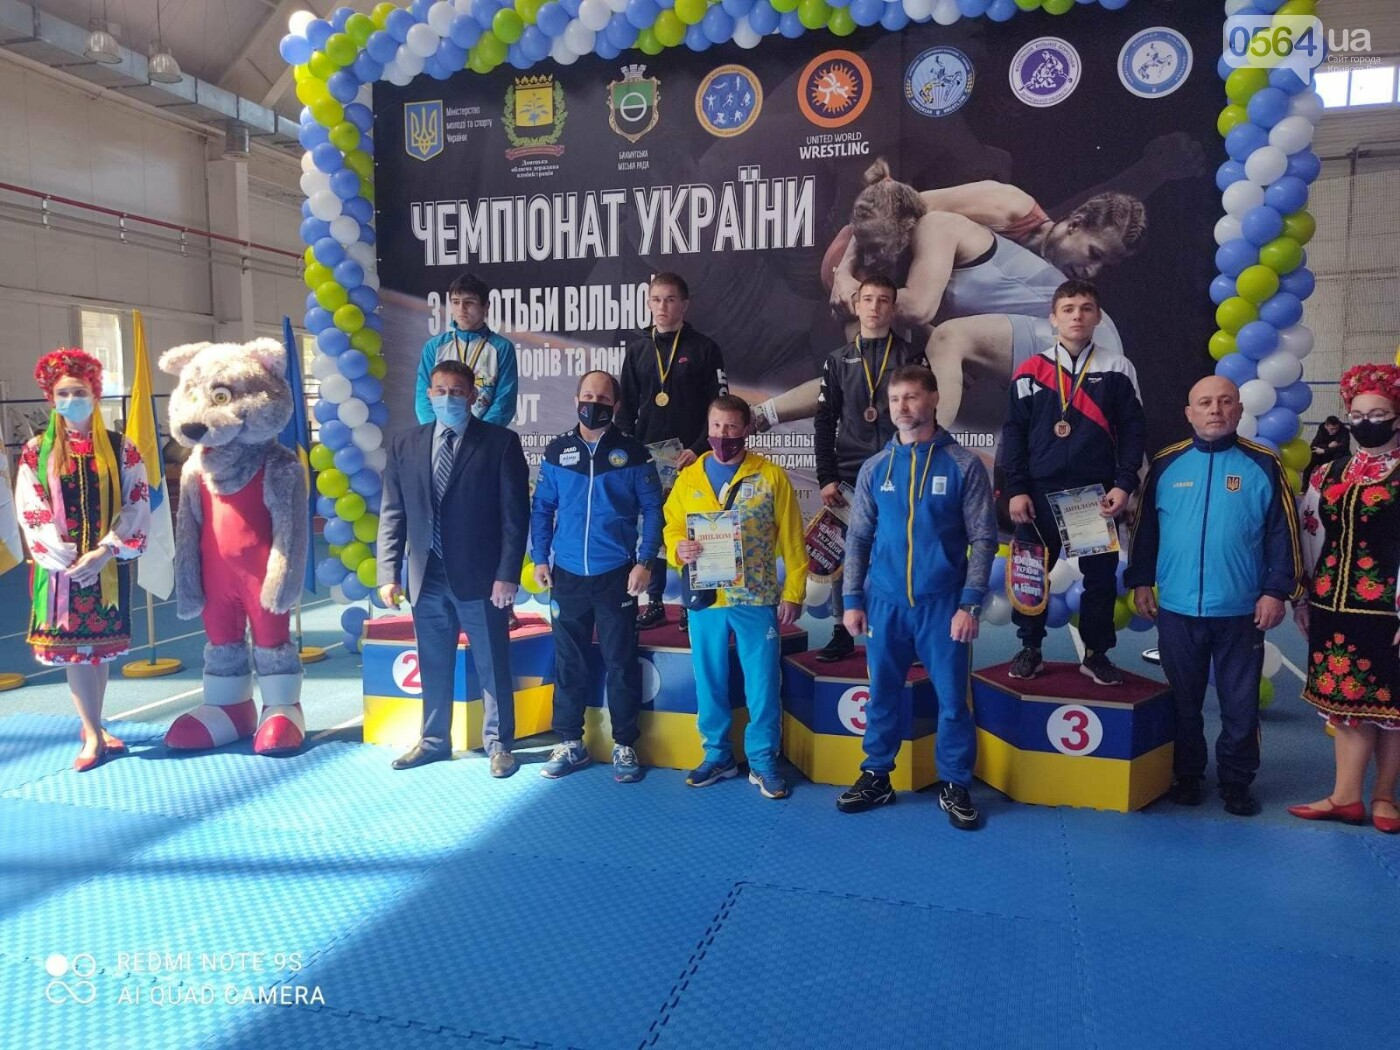 Братья из Кривого Рога привезли медали с Чемпионата Украины по вольной борьбе, - ФОТО , фото-1